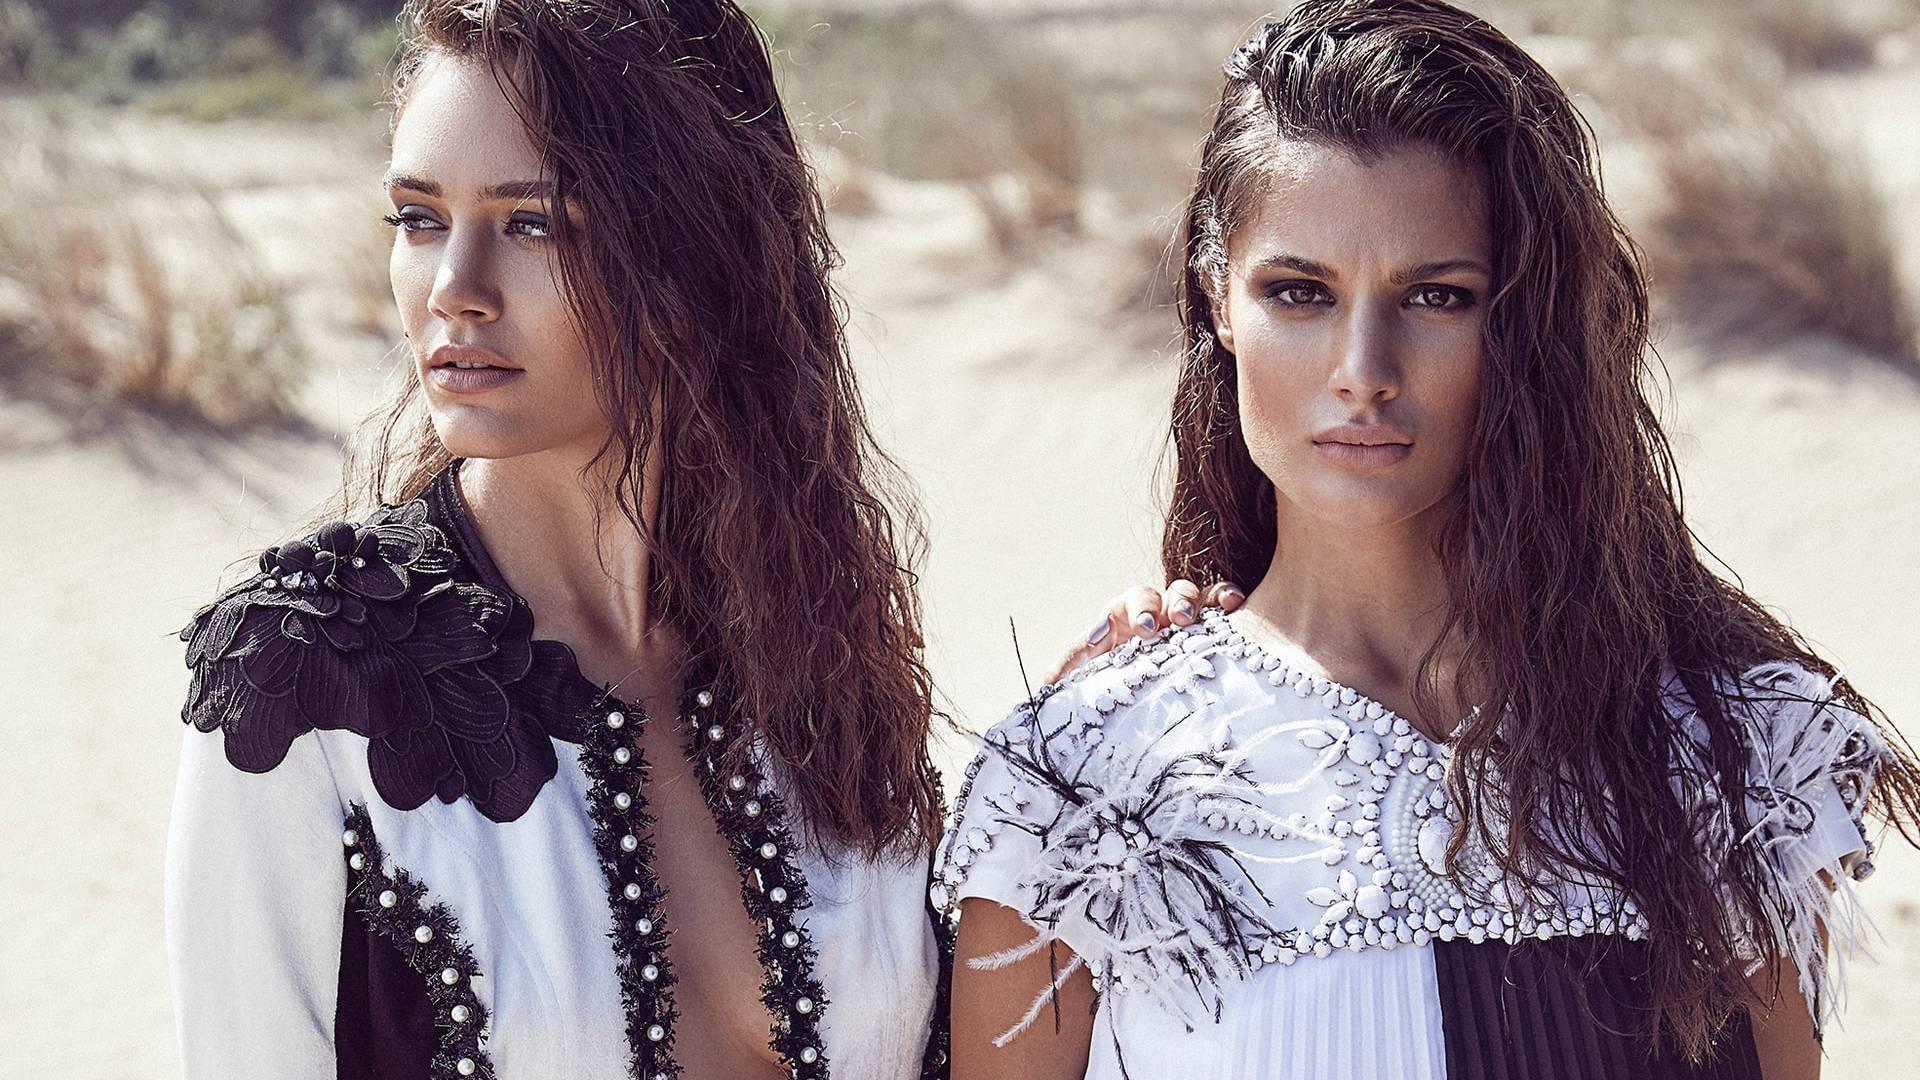 fekete-fehér ruhás nők